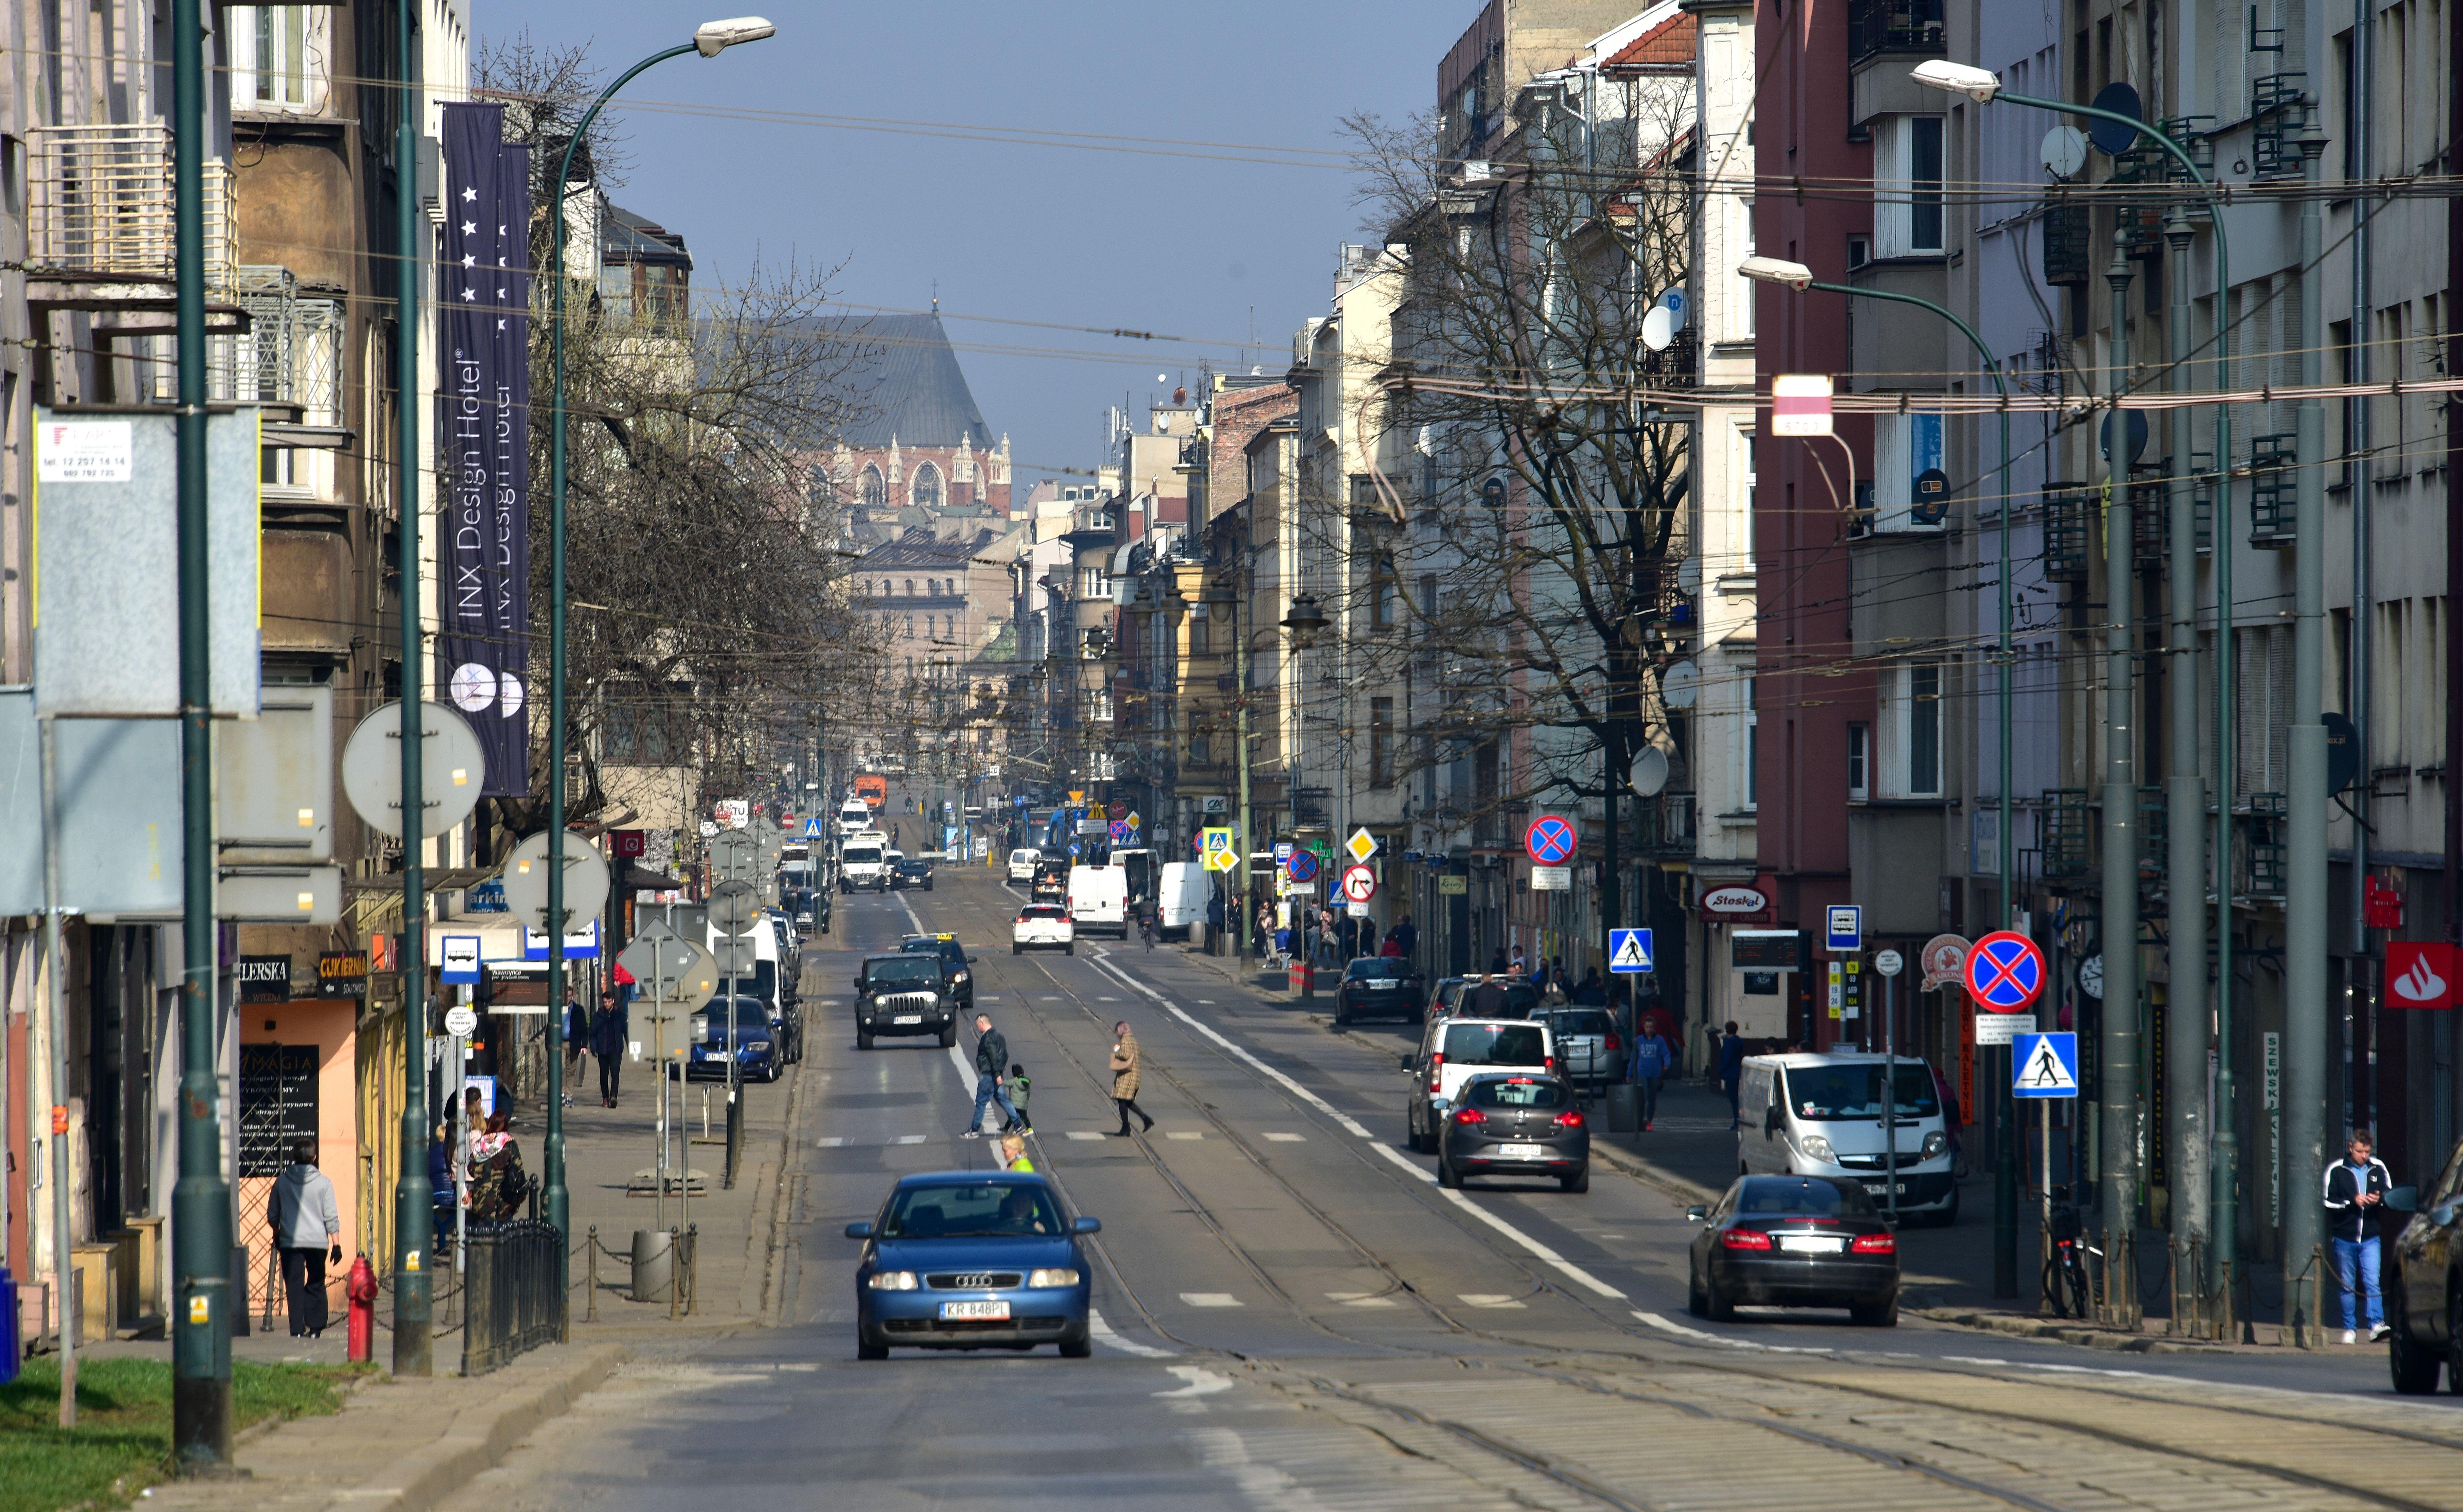 Ulica Starowislna W Krakowie Wikipedia Wolna Encyklopedia